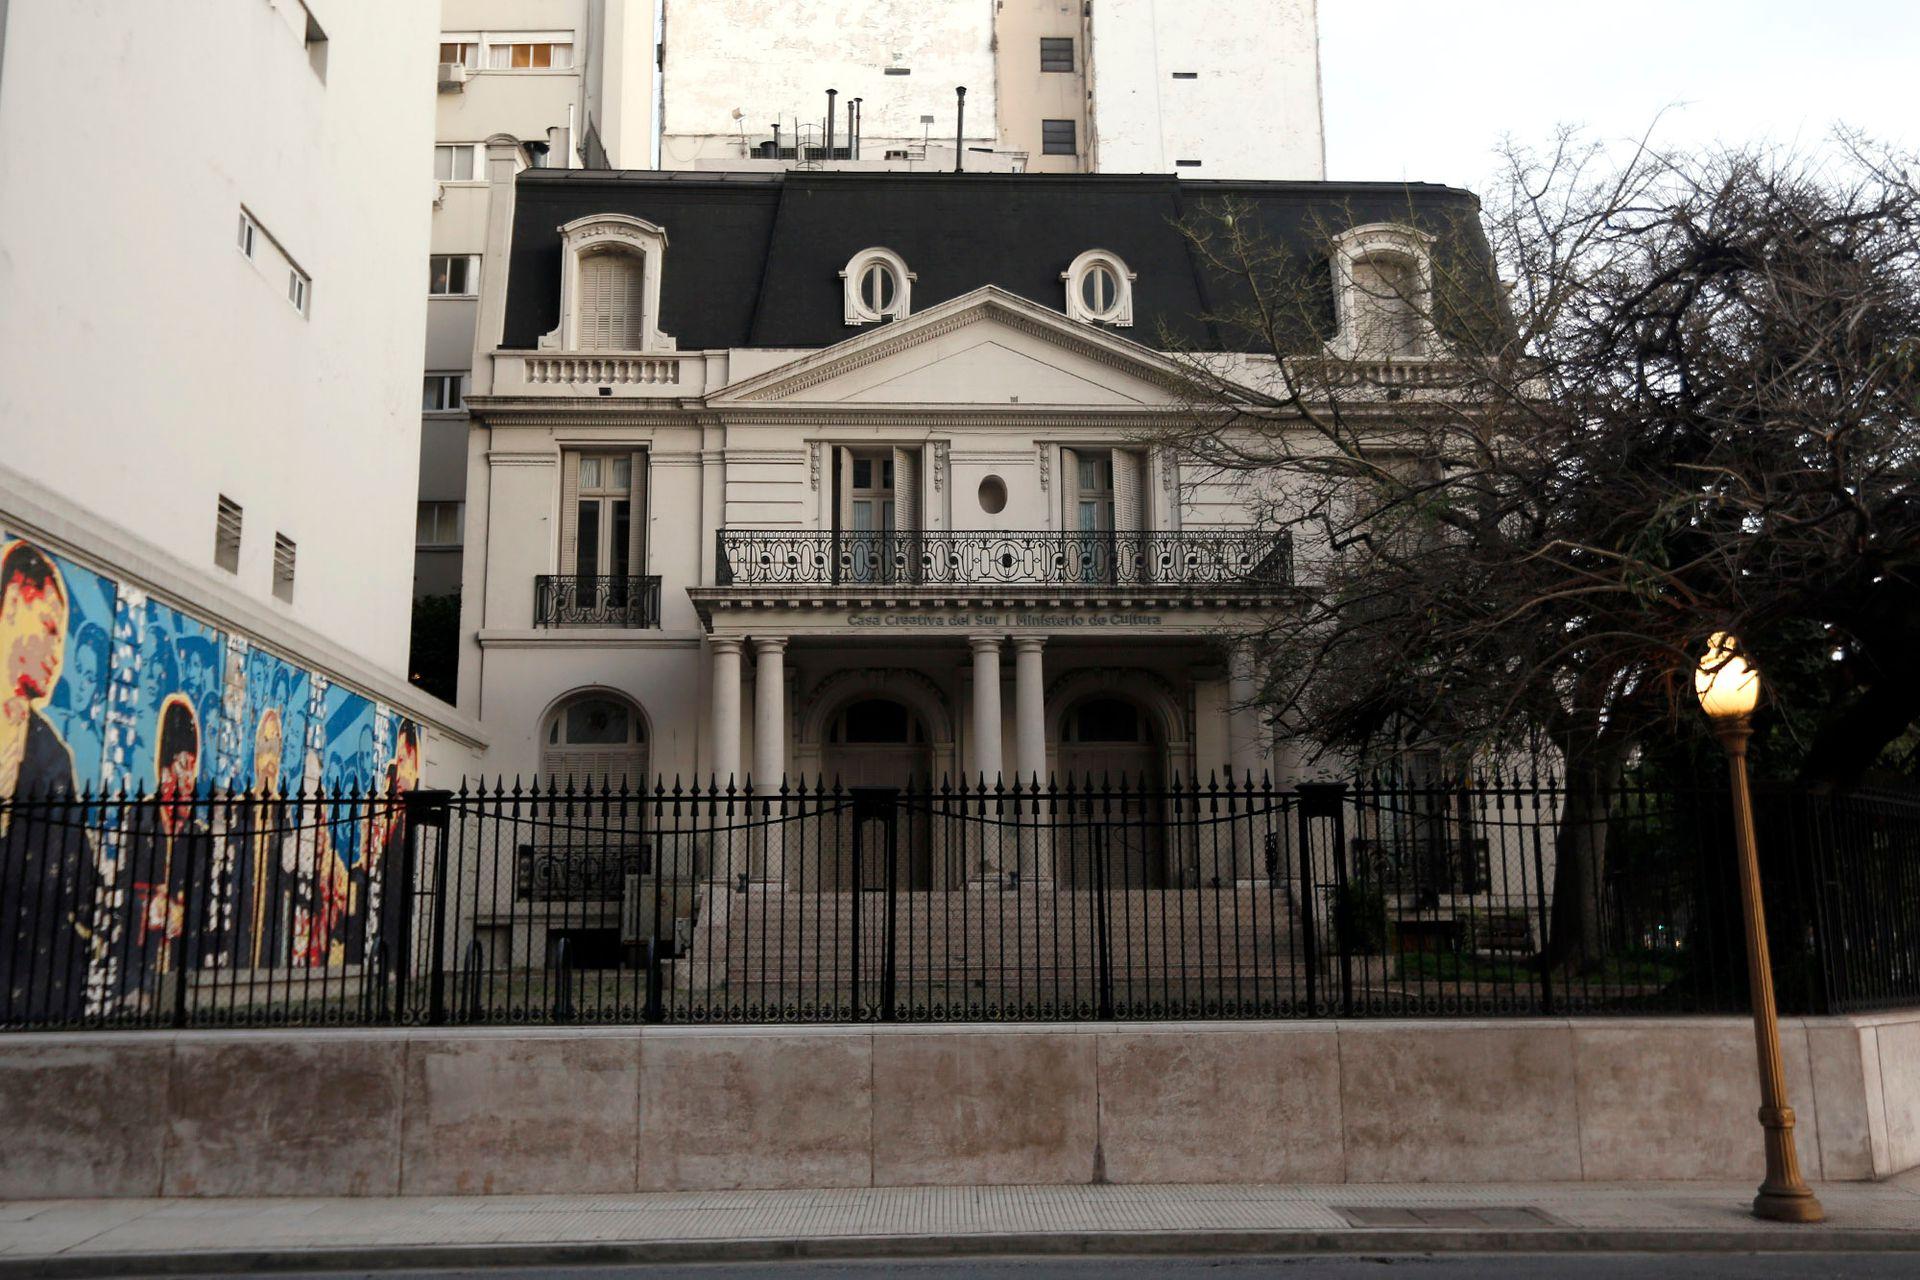 La mansión de principios de siglo tiene casi 700 metros cuadrados